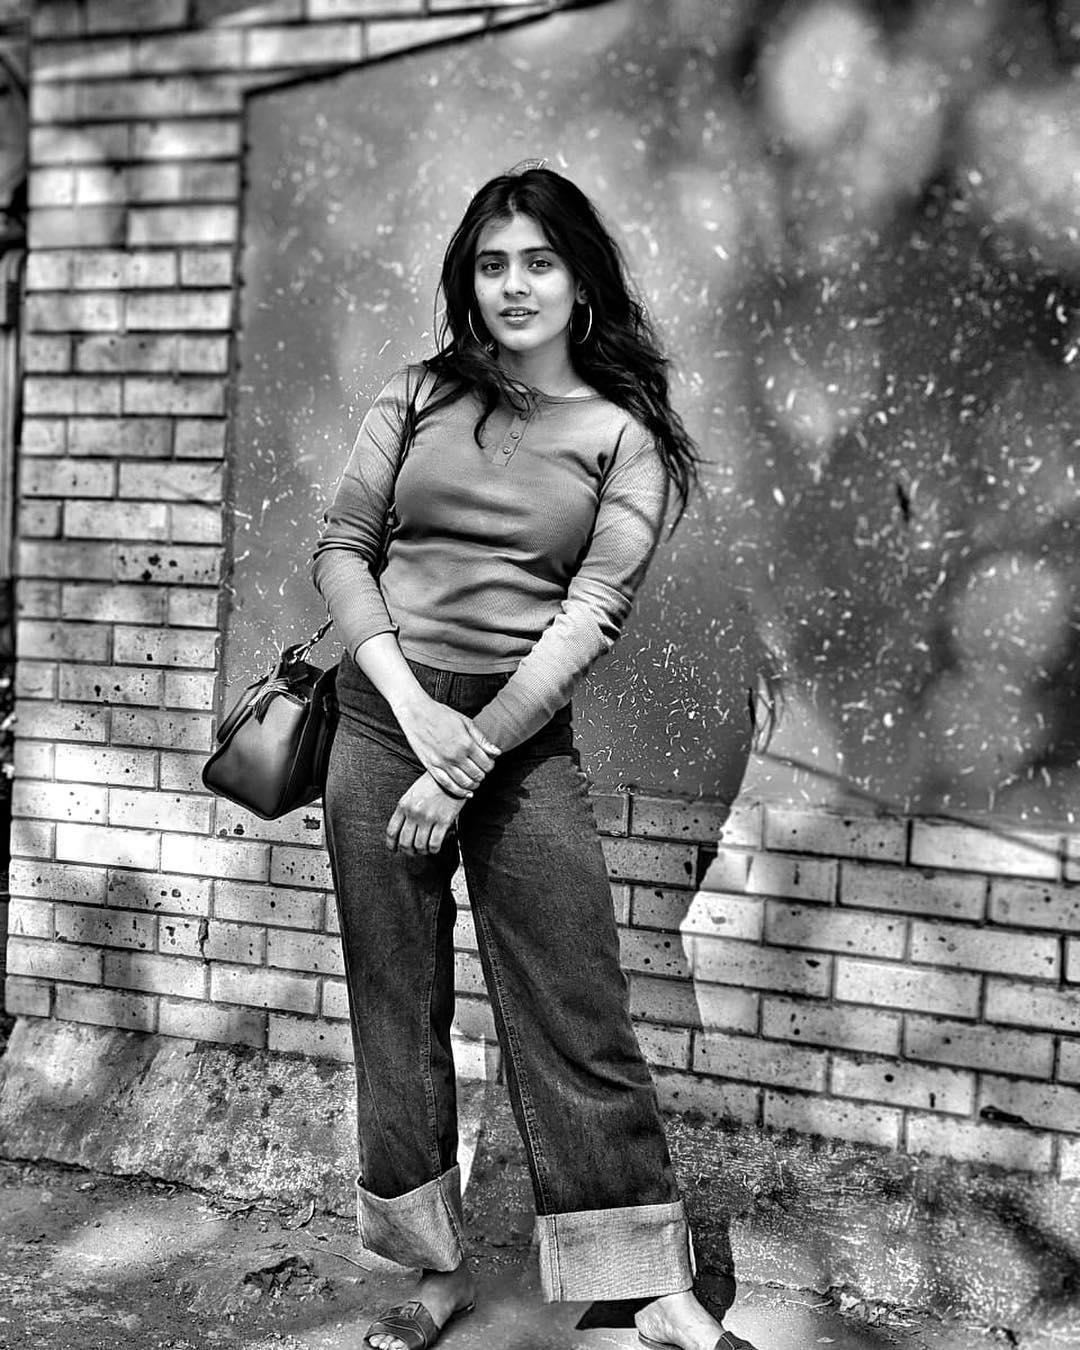 హెబ్బా పటేల్ లేటెస్ట్ ఫోటోస్     Photo: Instagram/ihebahp